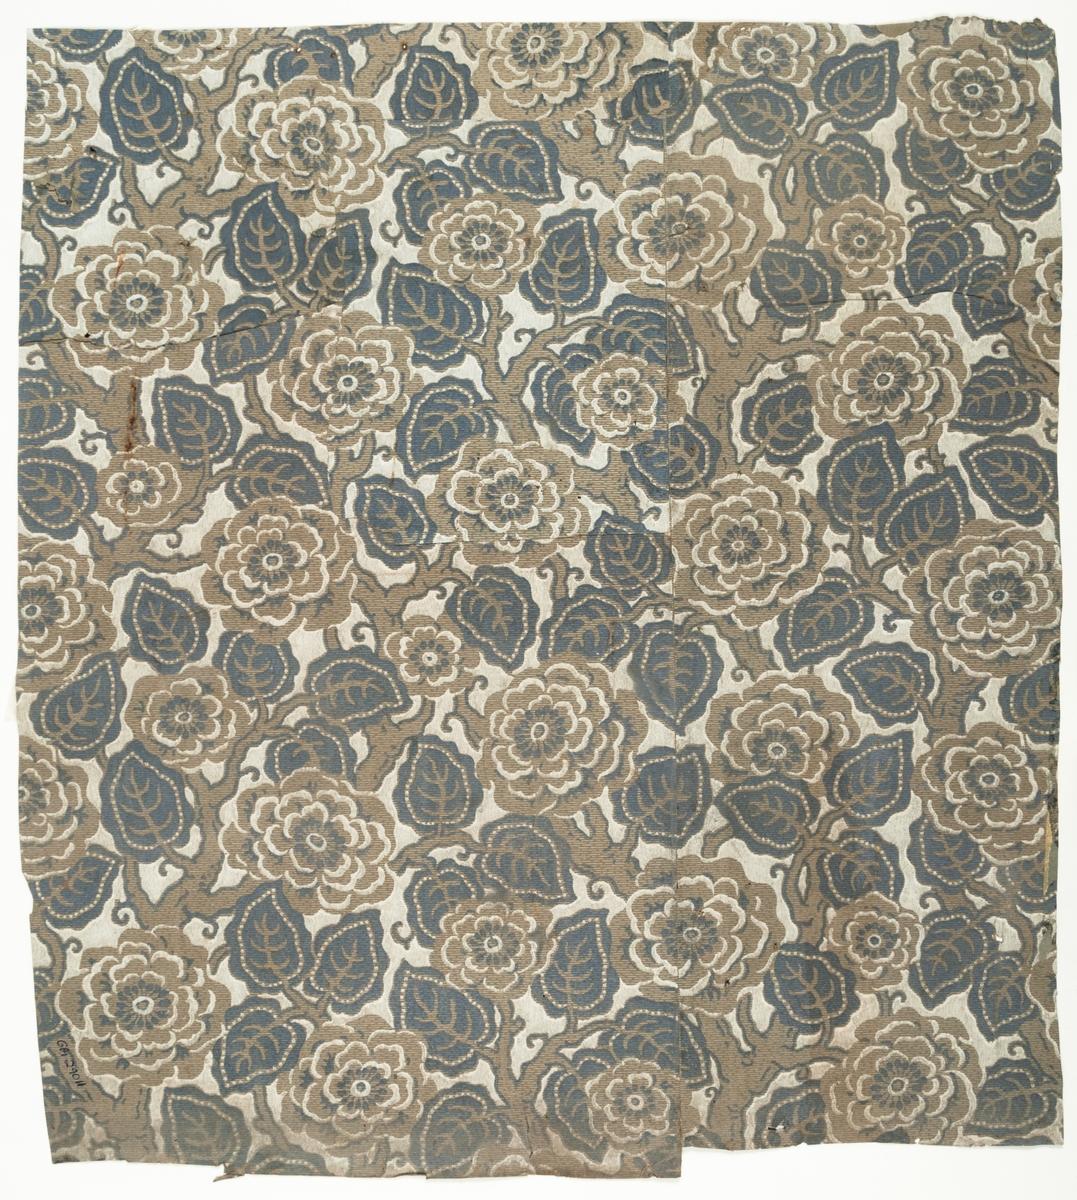 Ljusgrått genomfärgat papper med tätt ytfyllande blommönster i vitt och gråblått. Textilimiterande.